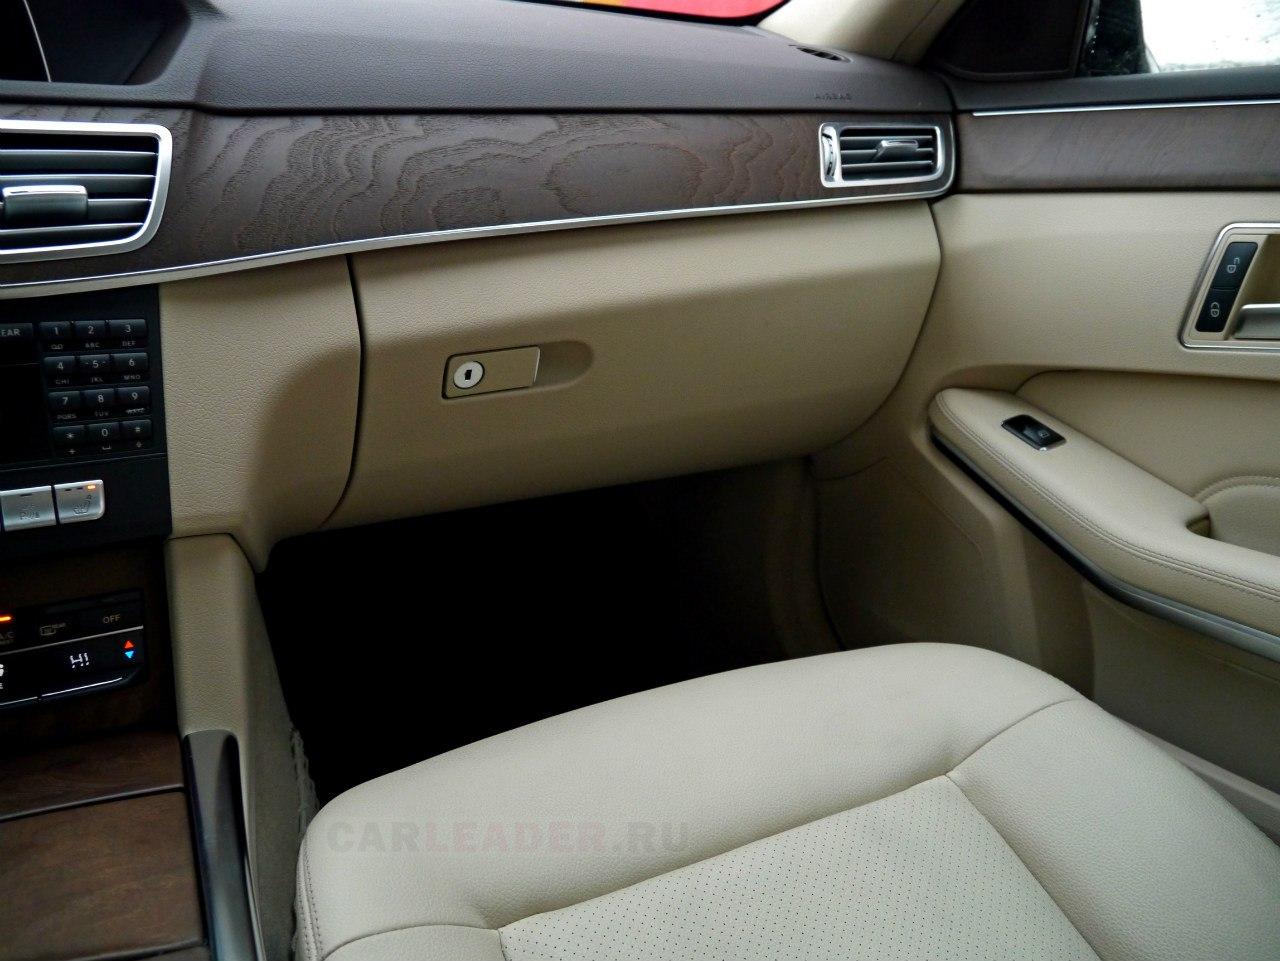 Из натуральных материалов в салоне Mercedes-Benz E 2014: ясень и алюминий.